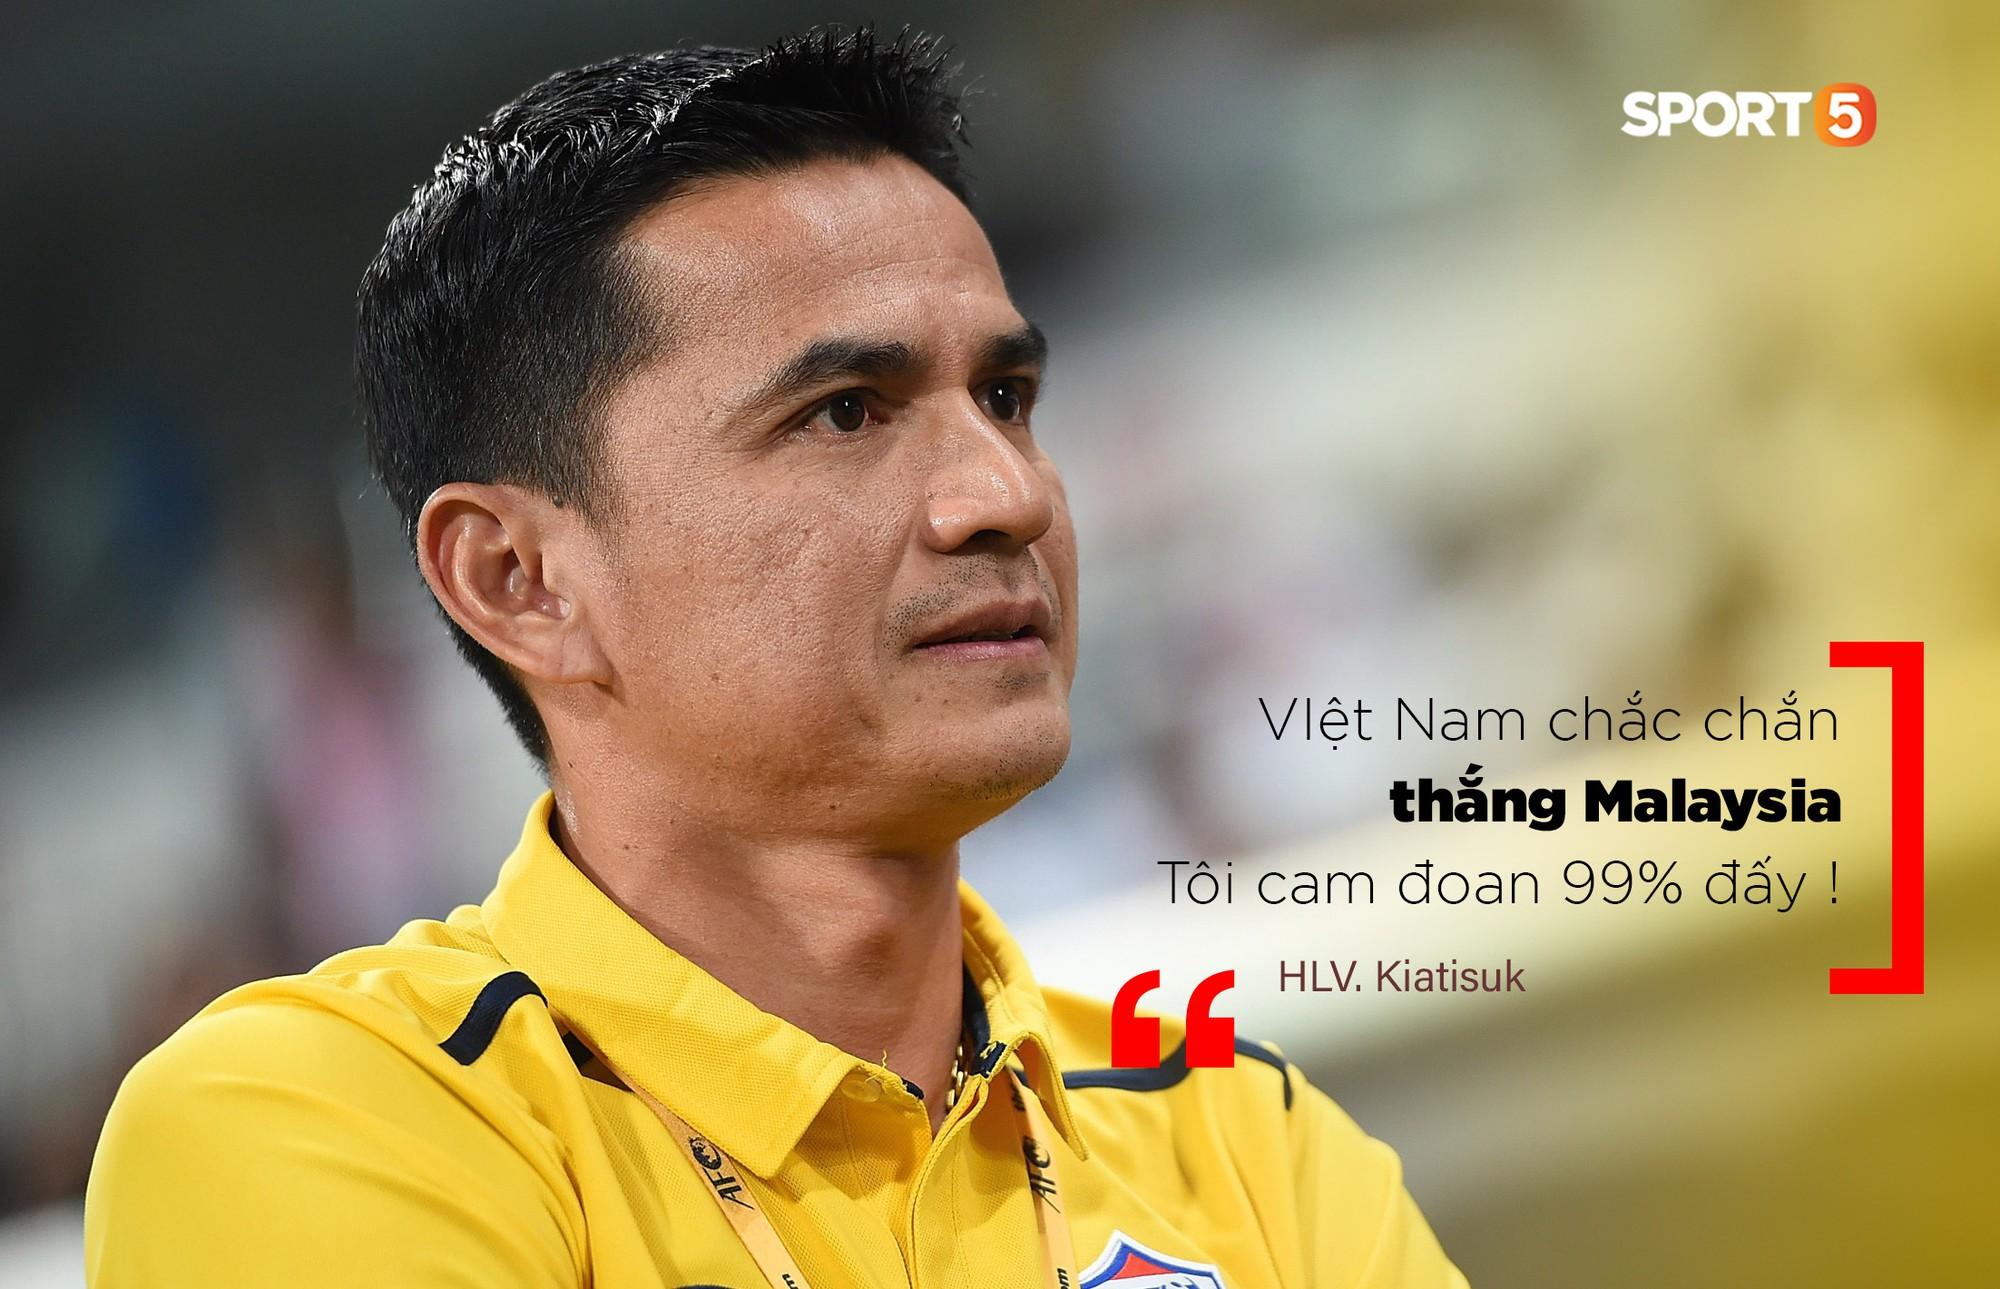 """Huyền thoại bóng đá Thái Lan Kiatisuk: """"Việt Nam hiện tại quá hay, 99% sẽ vô địch AFF Cup 2018"""" - Ảnh 3."""